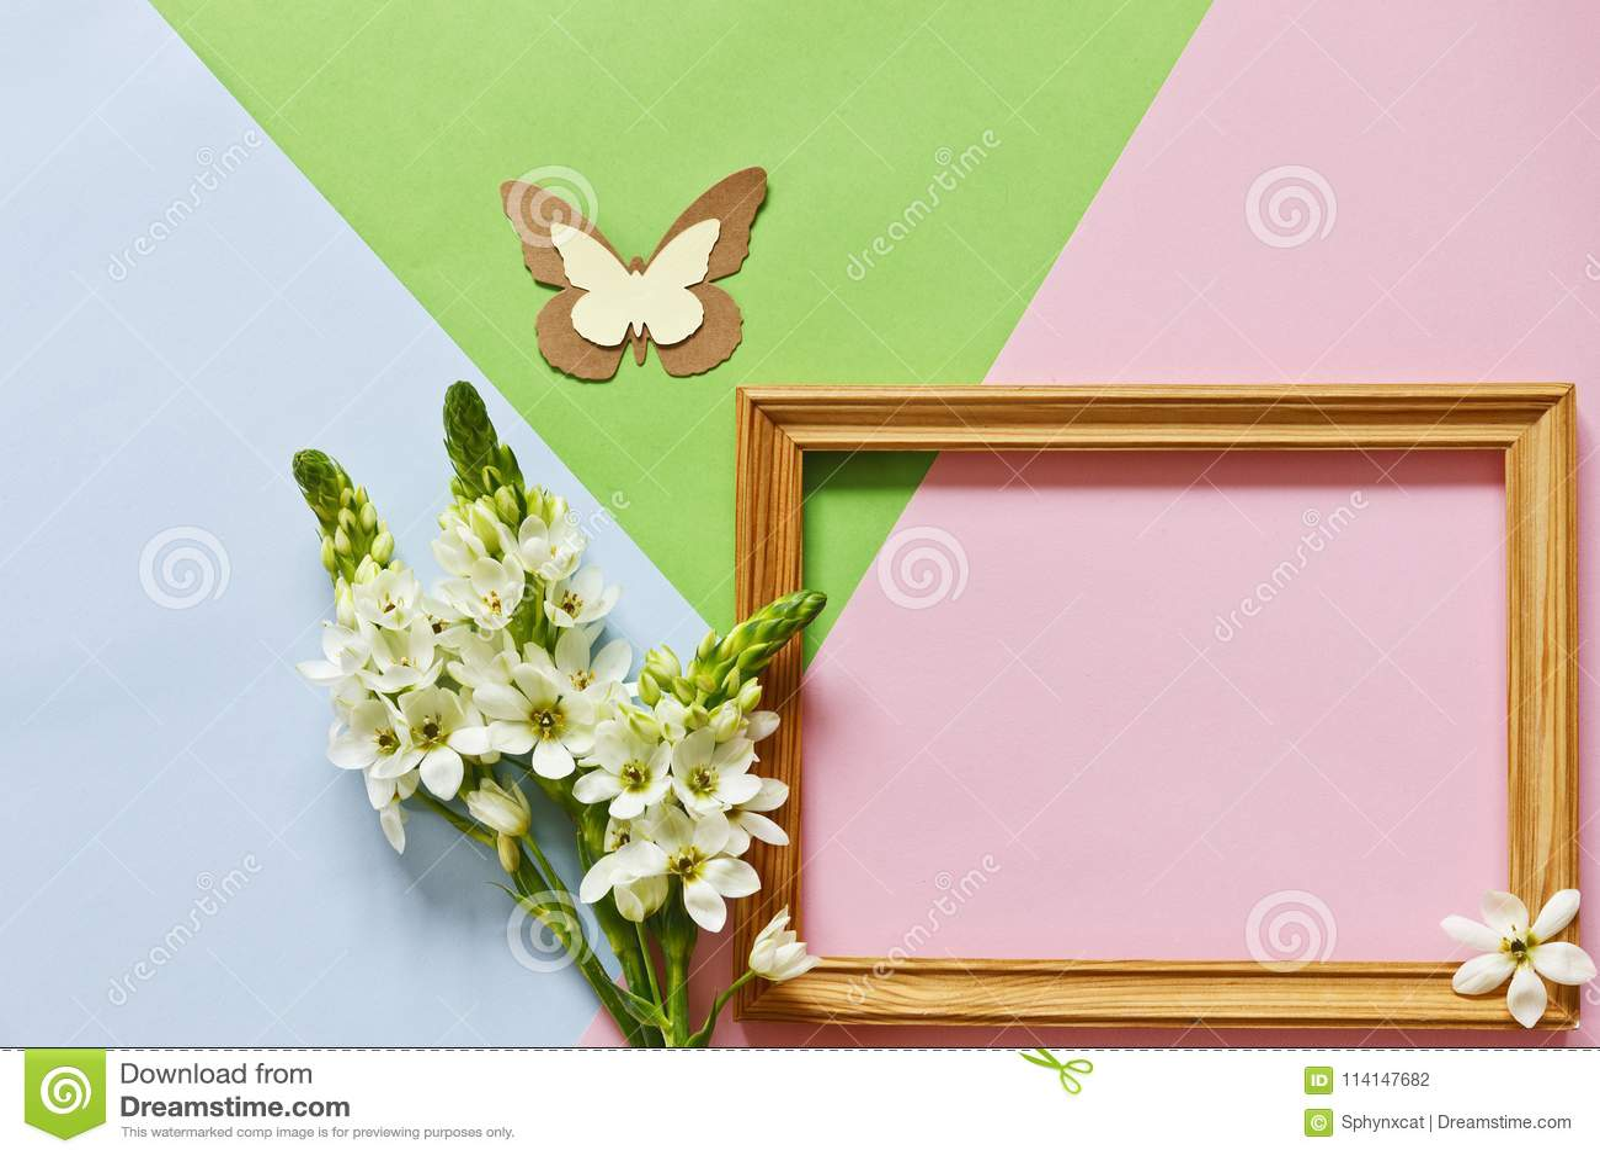 Κλείστε επάνω τη φωτογραφία για την ευτυχή ημέρα μητέρων ` s, ημέρα γυναικών ` s, η ημέρα ή τα γενέθλια βαλεντίνων ` s στην καραμ